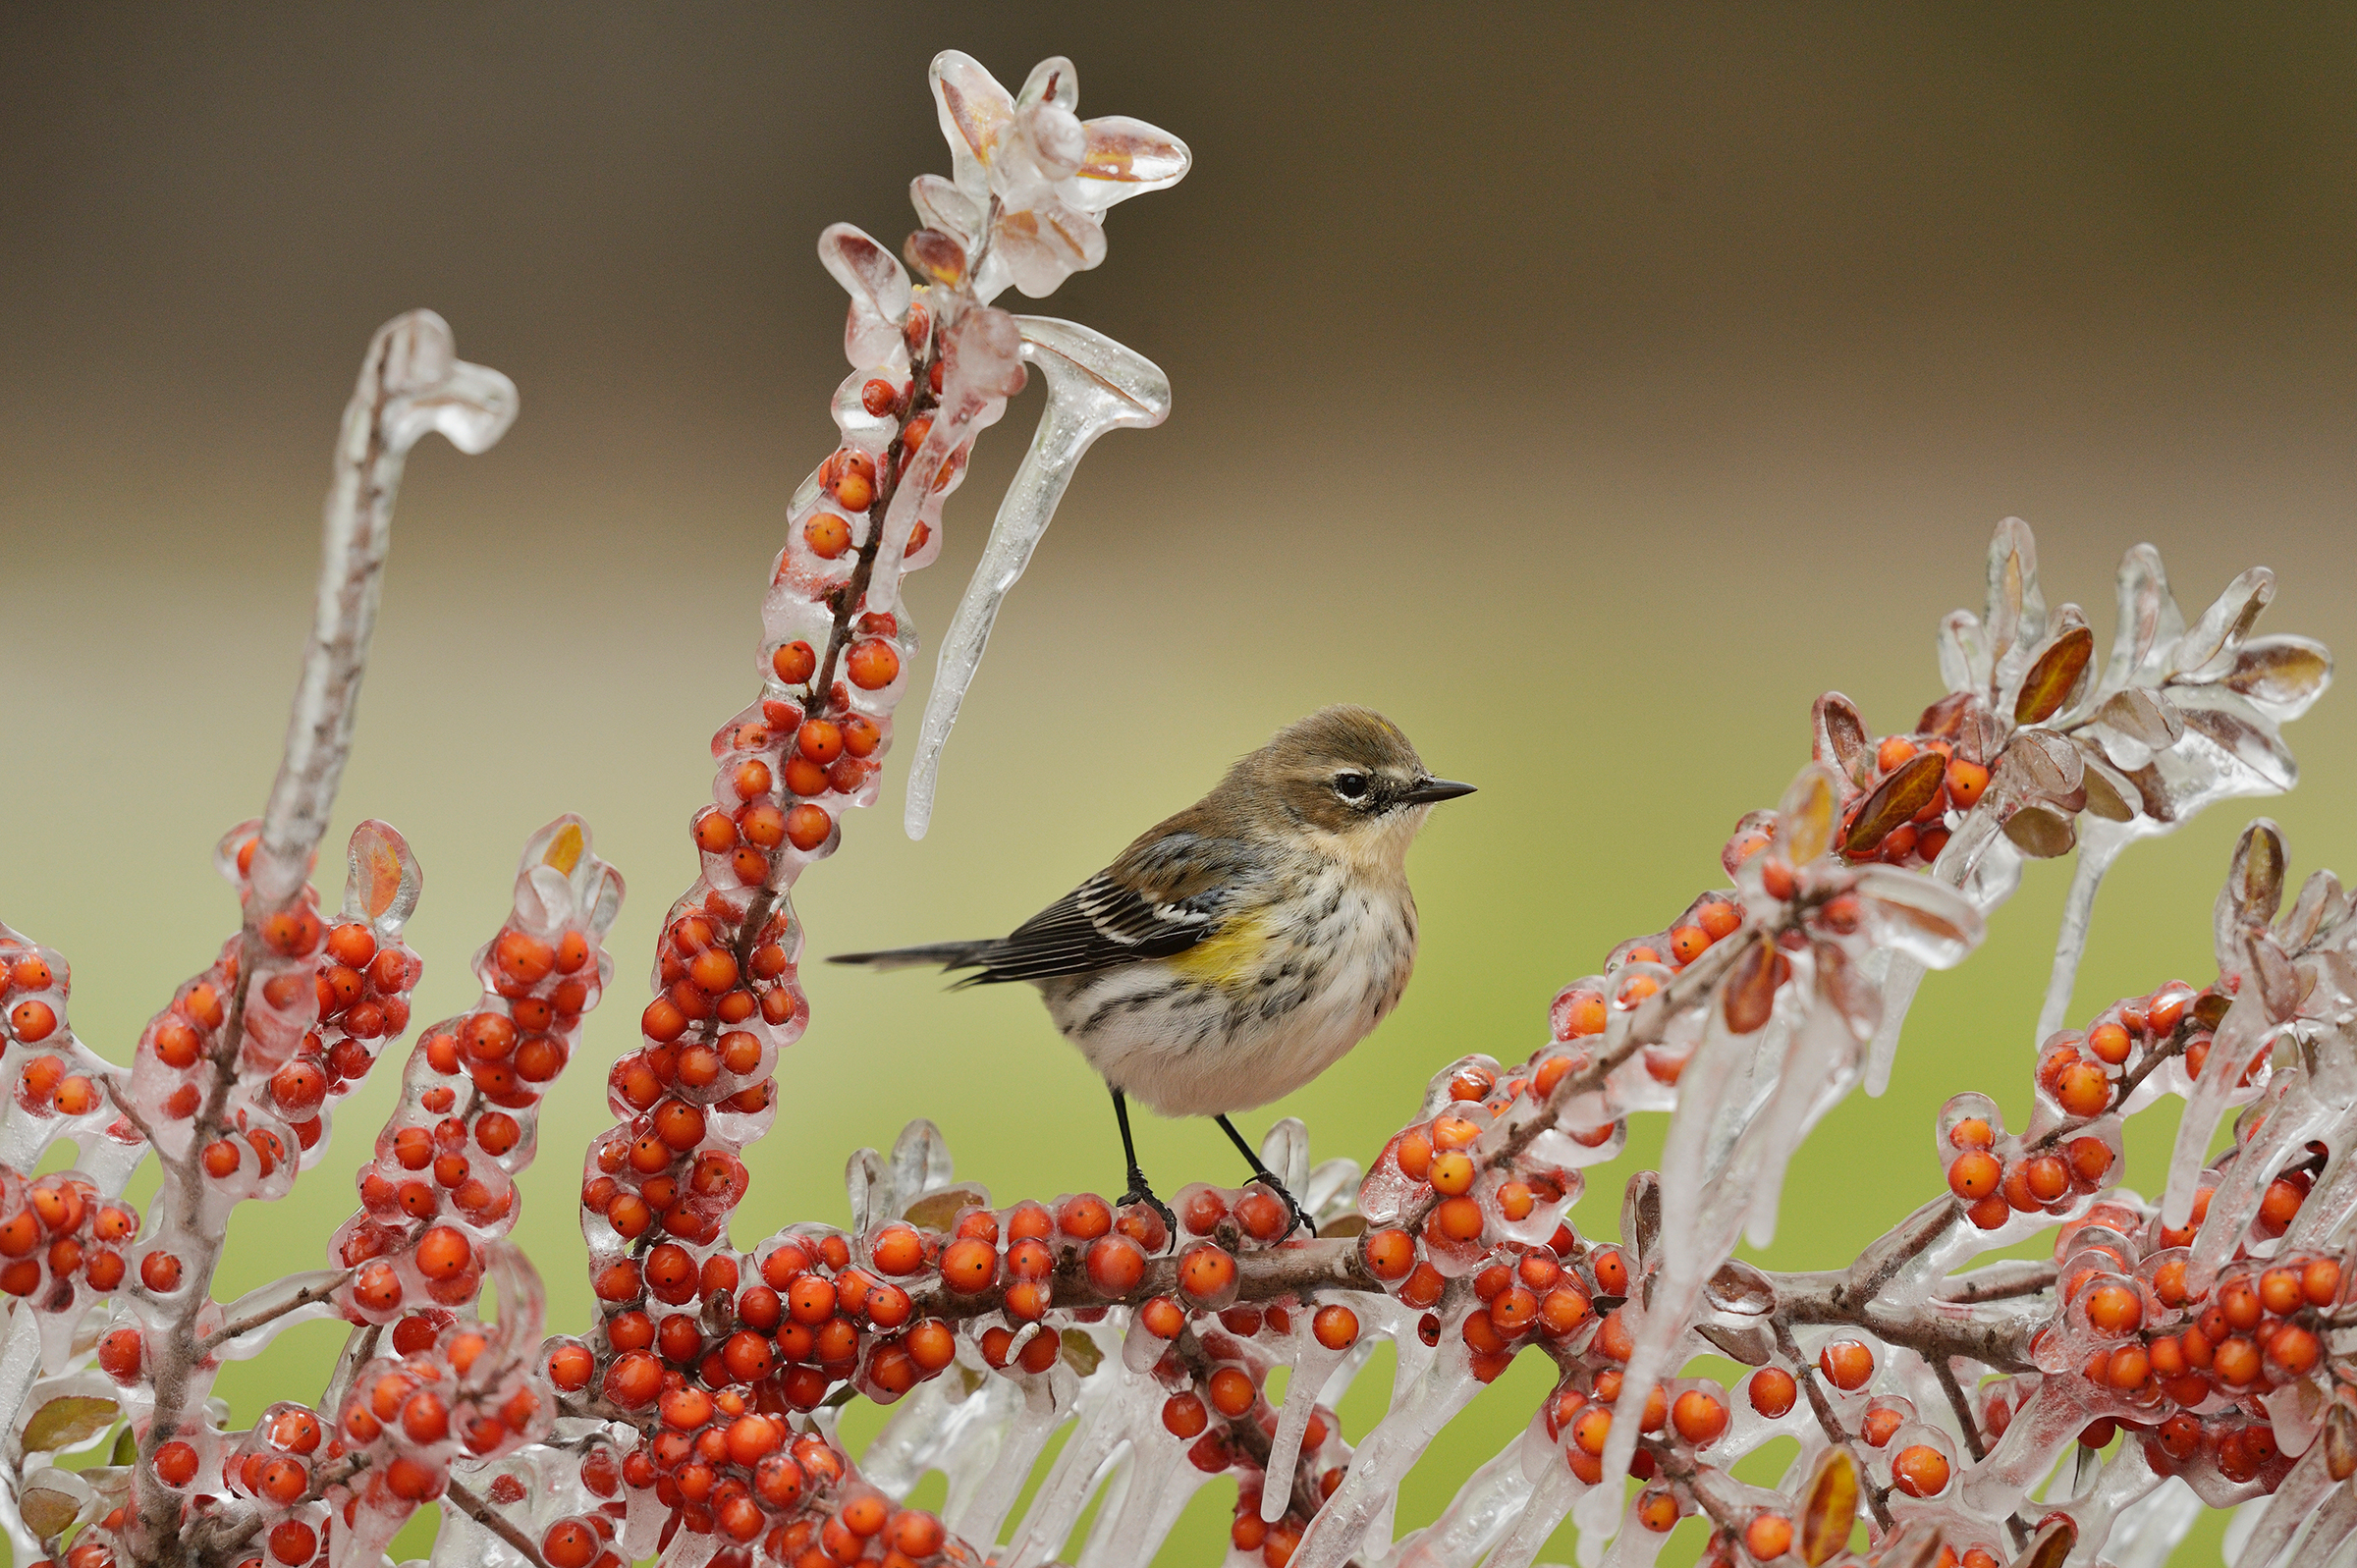 Yellow-rumped Warbler. Rolf Nussbaumer/NPL/Minden Pictures